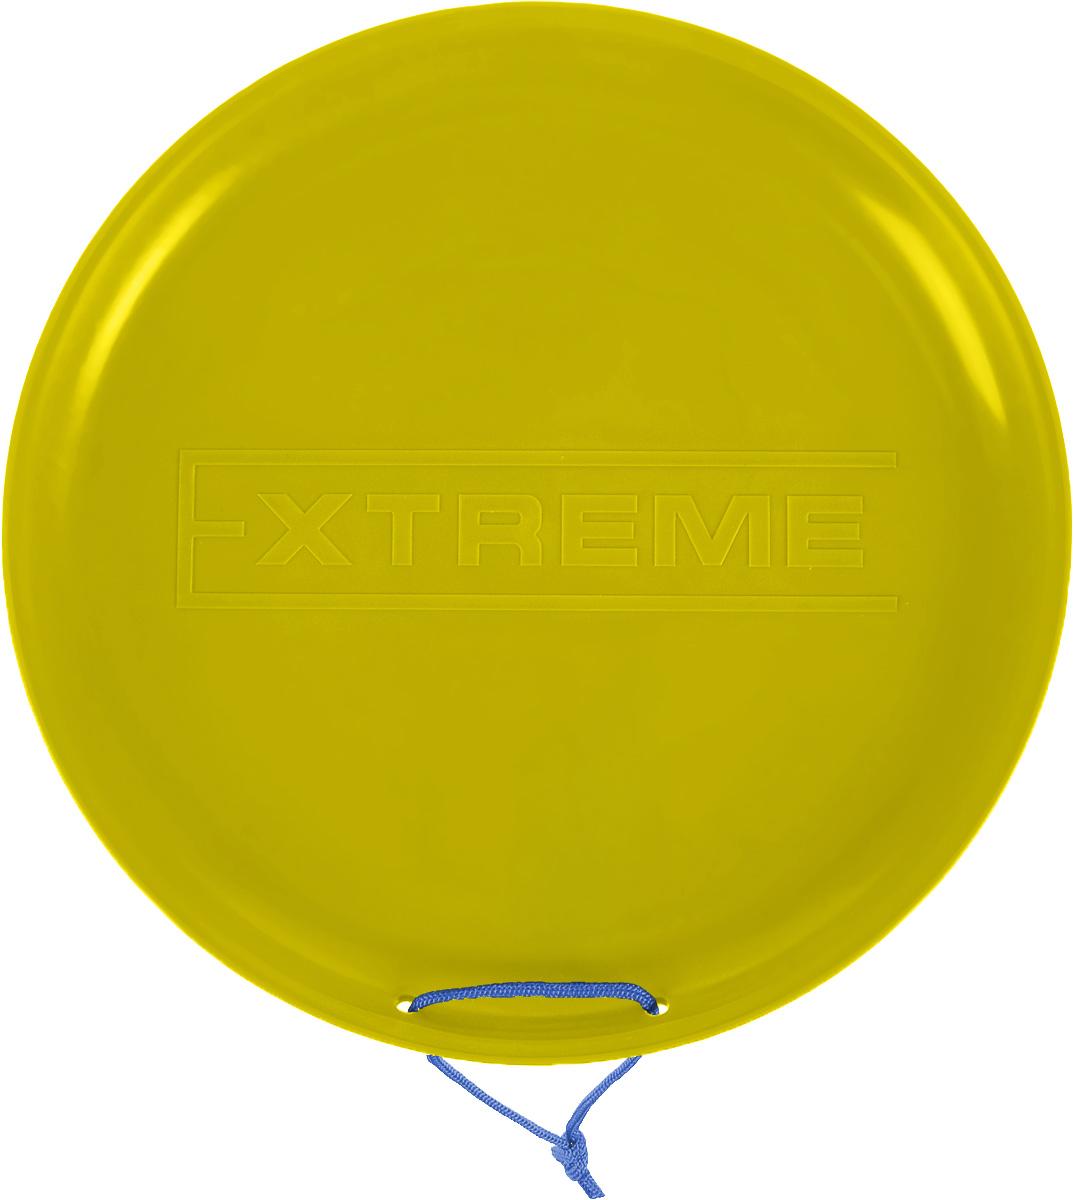 Санки-ледянки Престиж Экстрим, цвет: желтый, диаметр 40 см337713Любимая детская зимняя забава - это катание с горки. Яркие санки-ледянки Престиж Экстрим станут незаменимым атрибутом этой веселой детской игры. Санки-ледянки - это специальная пластиковая тарелка, облегчающая скольжение и увеличивающая скорость движения по горке. Ледянка выполнена из прочного гибкого пластика и снабжена текстильной ручкой для транспортировки. Конфигурация санок позволяет удобно сидеть и развивать лучшую скорость. Благодаря малому весу ледянку, в отличие от обычных санок, легко нести с собой даже ребенку.Зимние игры на свежем воздухе. Статья OZON Гид